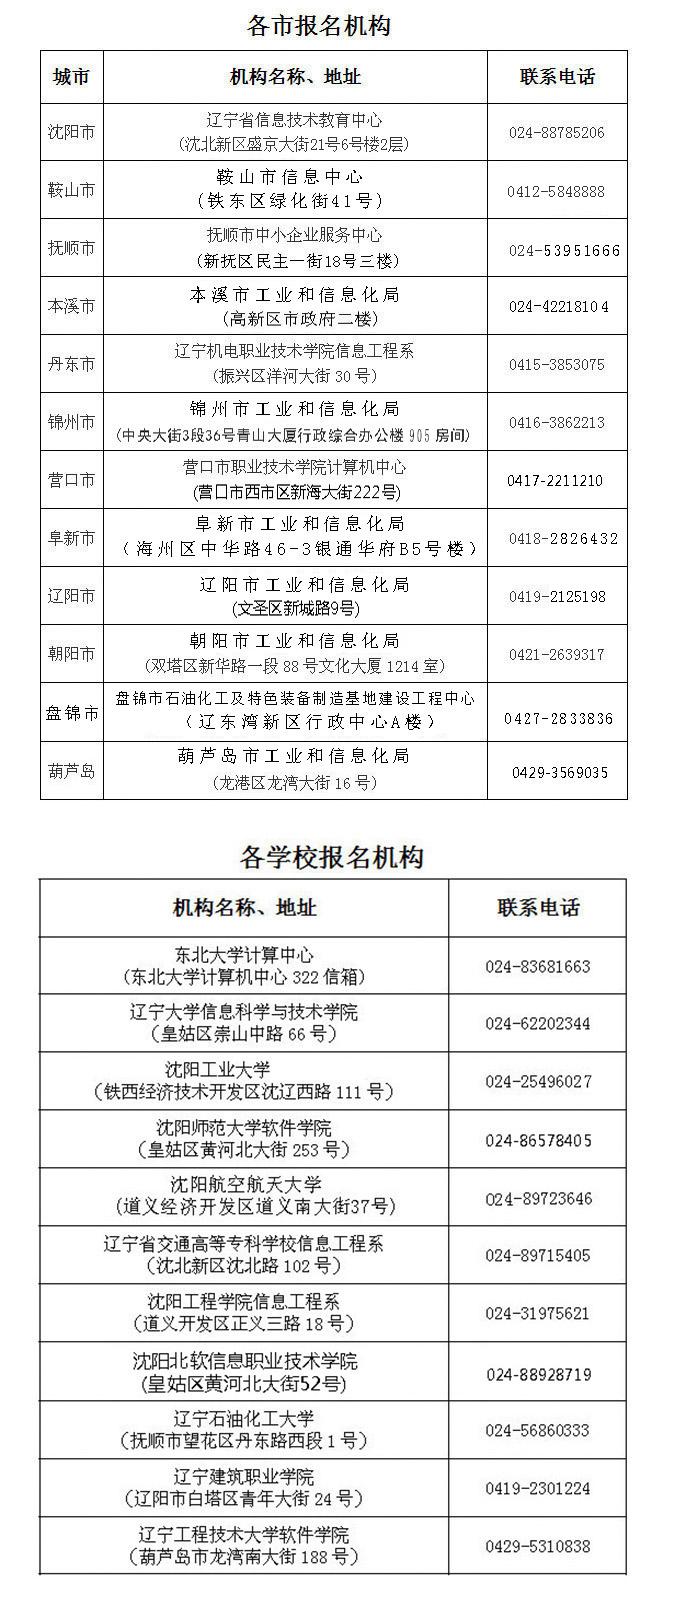 2019年上半年遼寧省計算機軟考各市機構電話地址